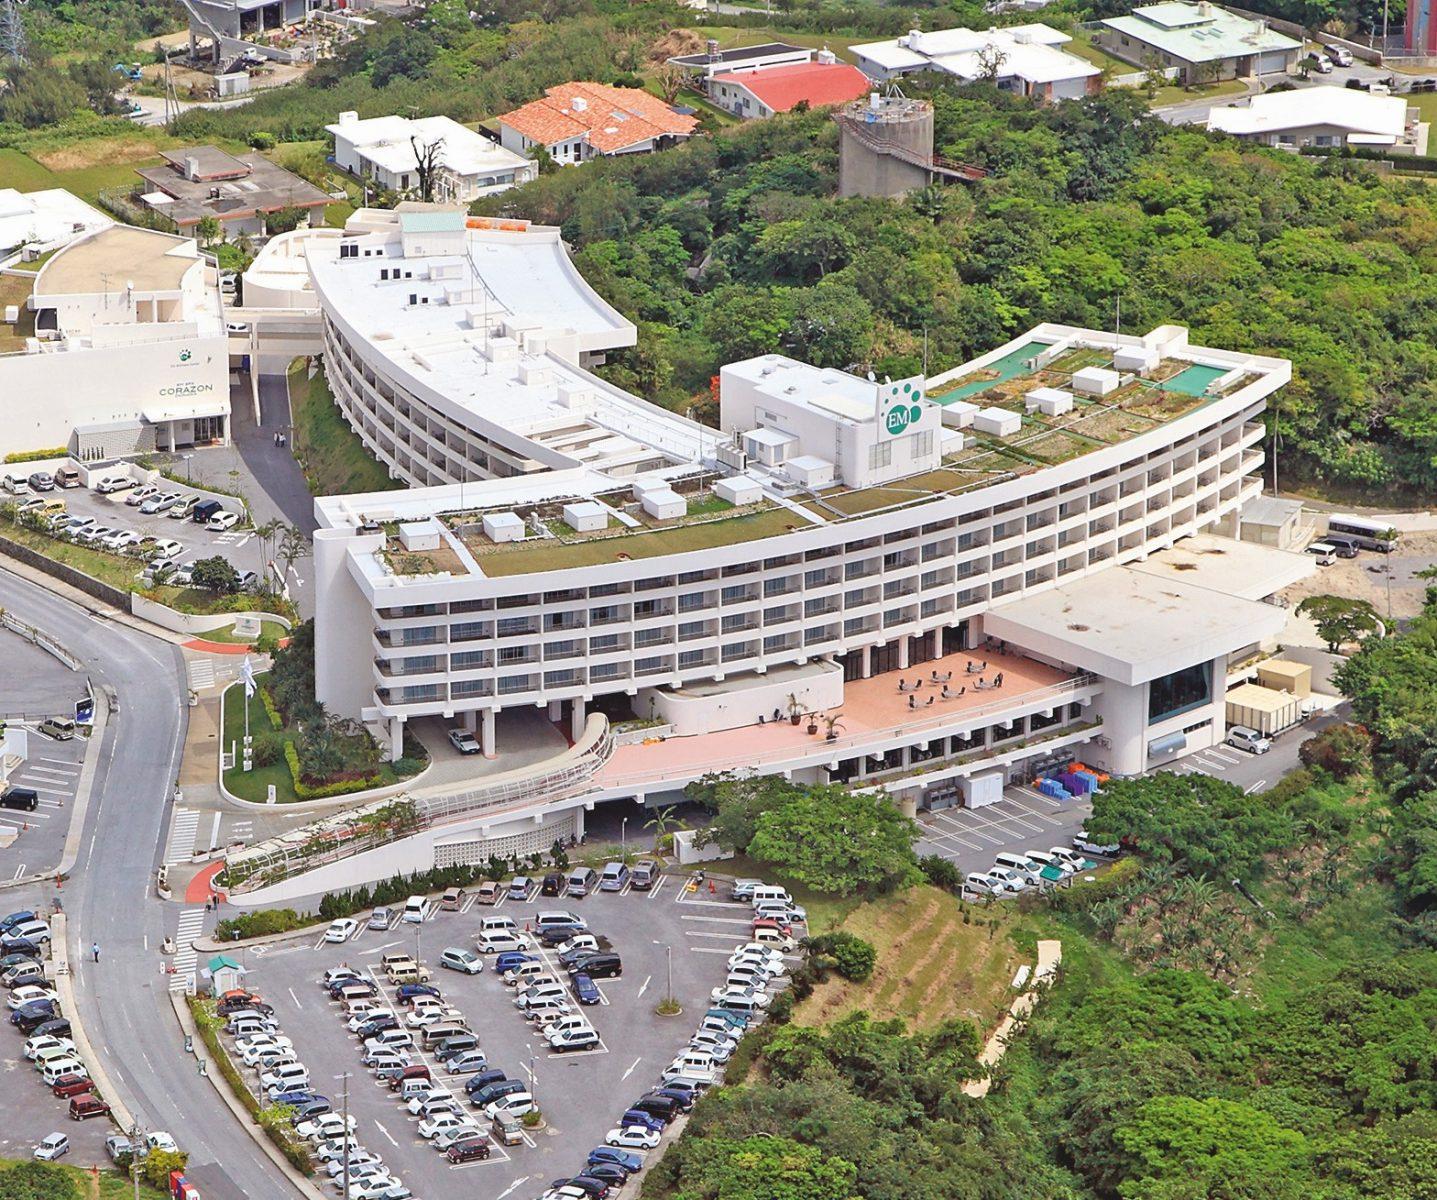 Ein elegant dem Hügel angepasstes Gebäude: Das Costa Vista Hotel